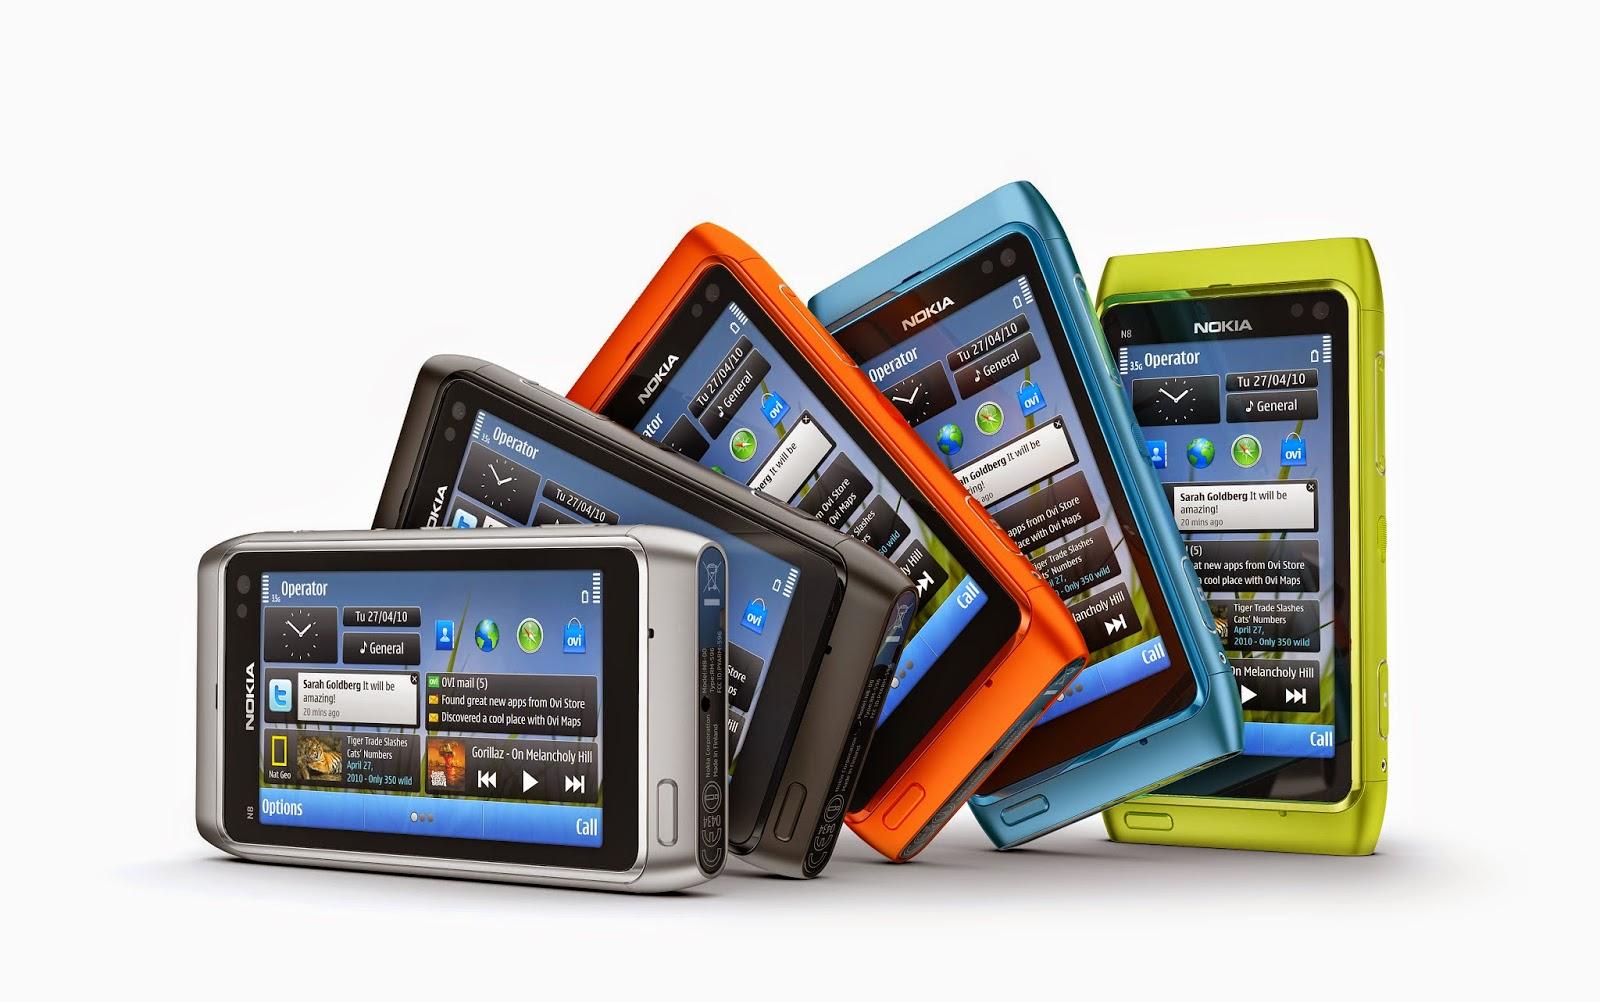 10 aparelhos mais vendidos da Nokia com o sistema Symbian 2